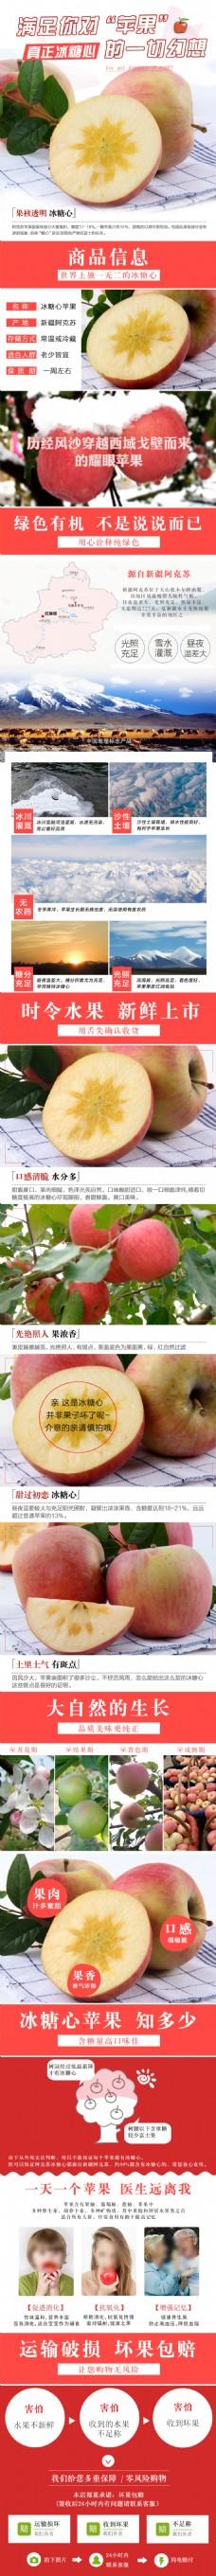 阿克苏苹果详情页